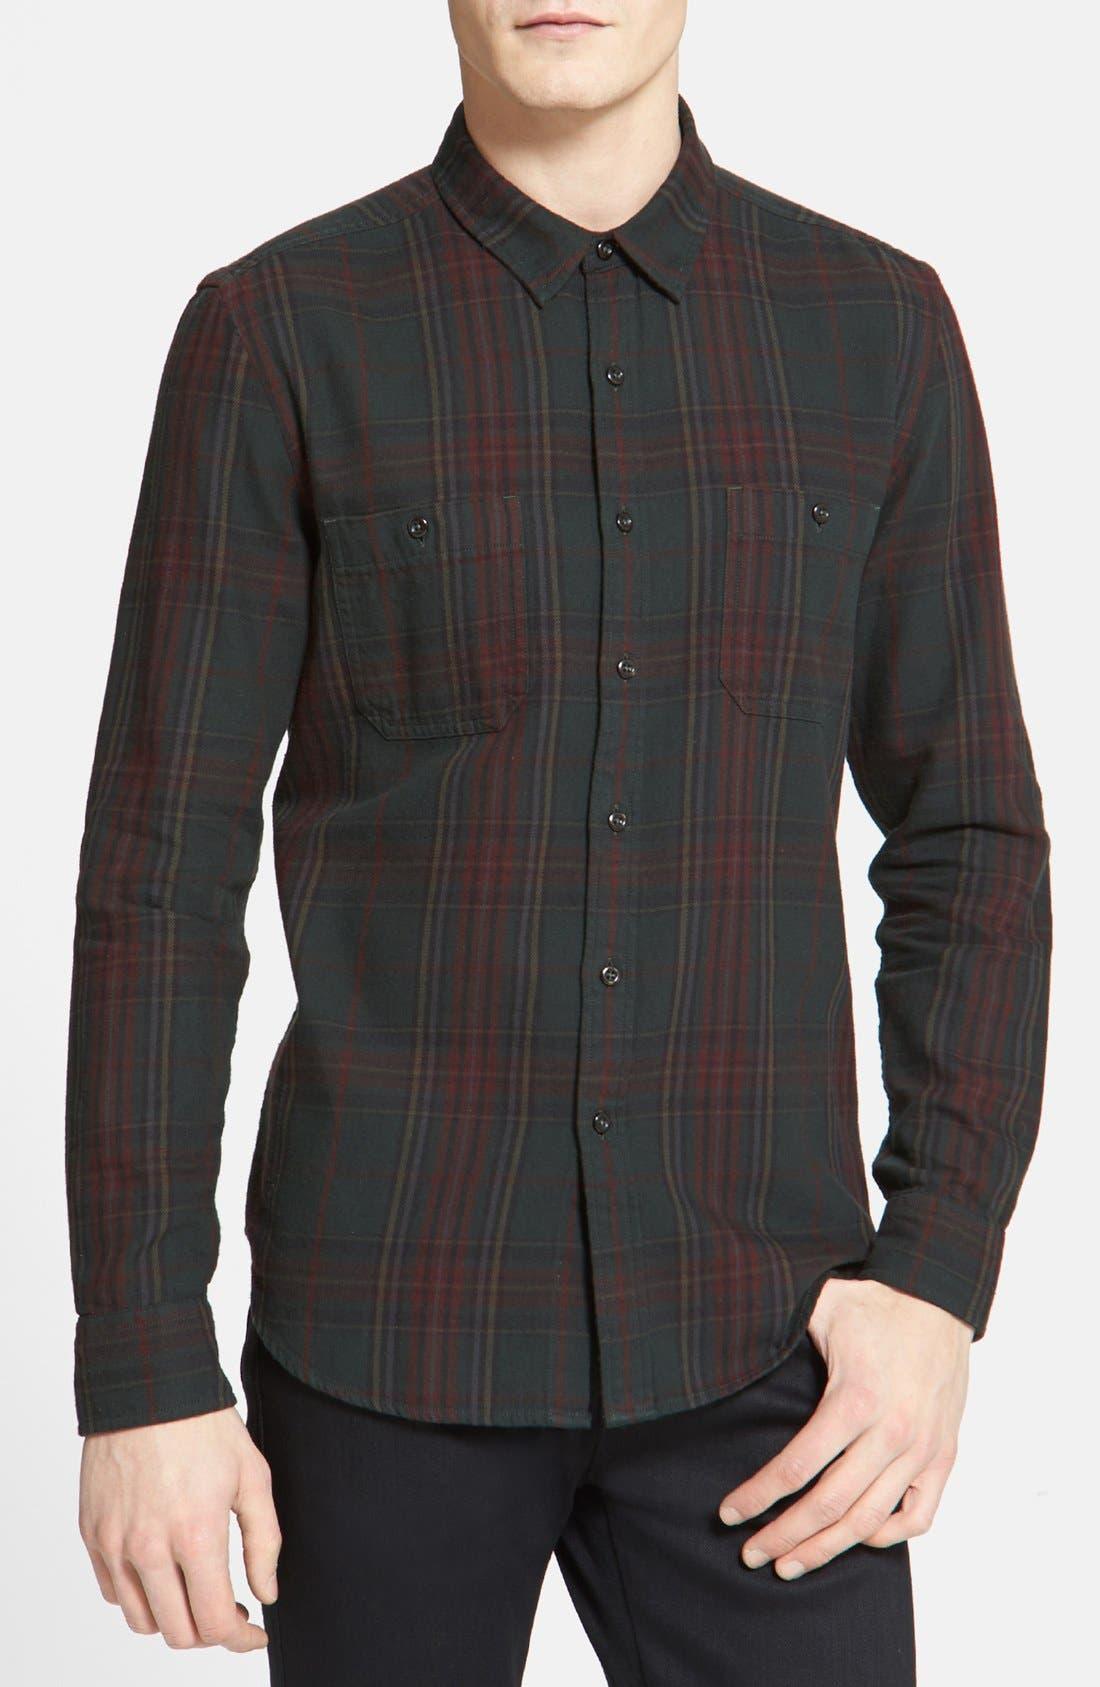 Main Image - Topman Classic Fit Tartan Plaid Flannel Shirt